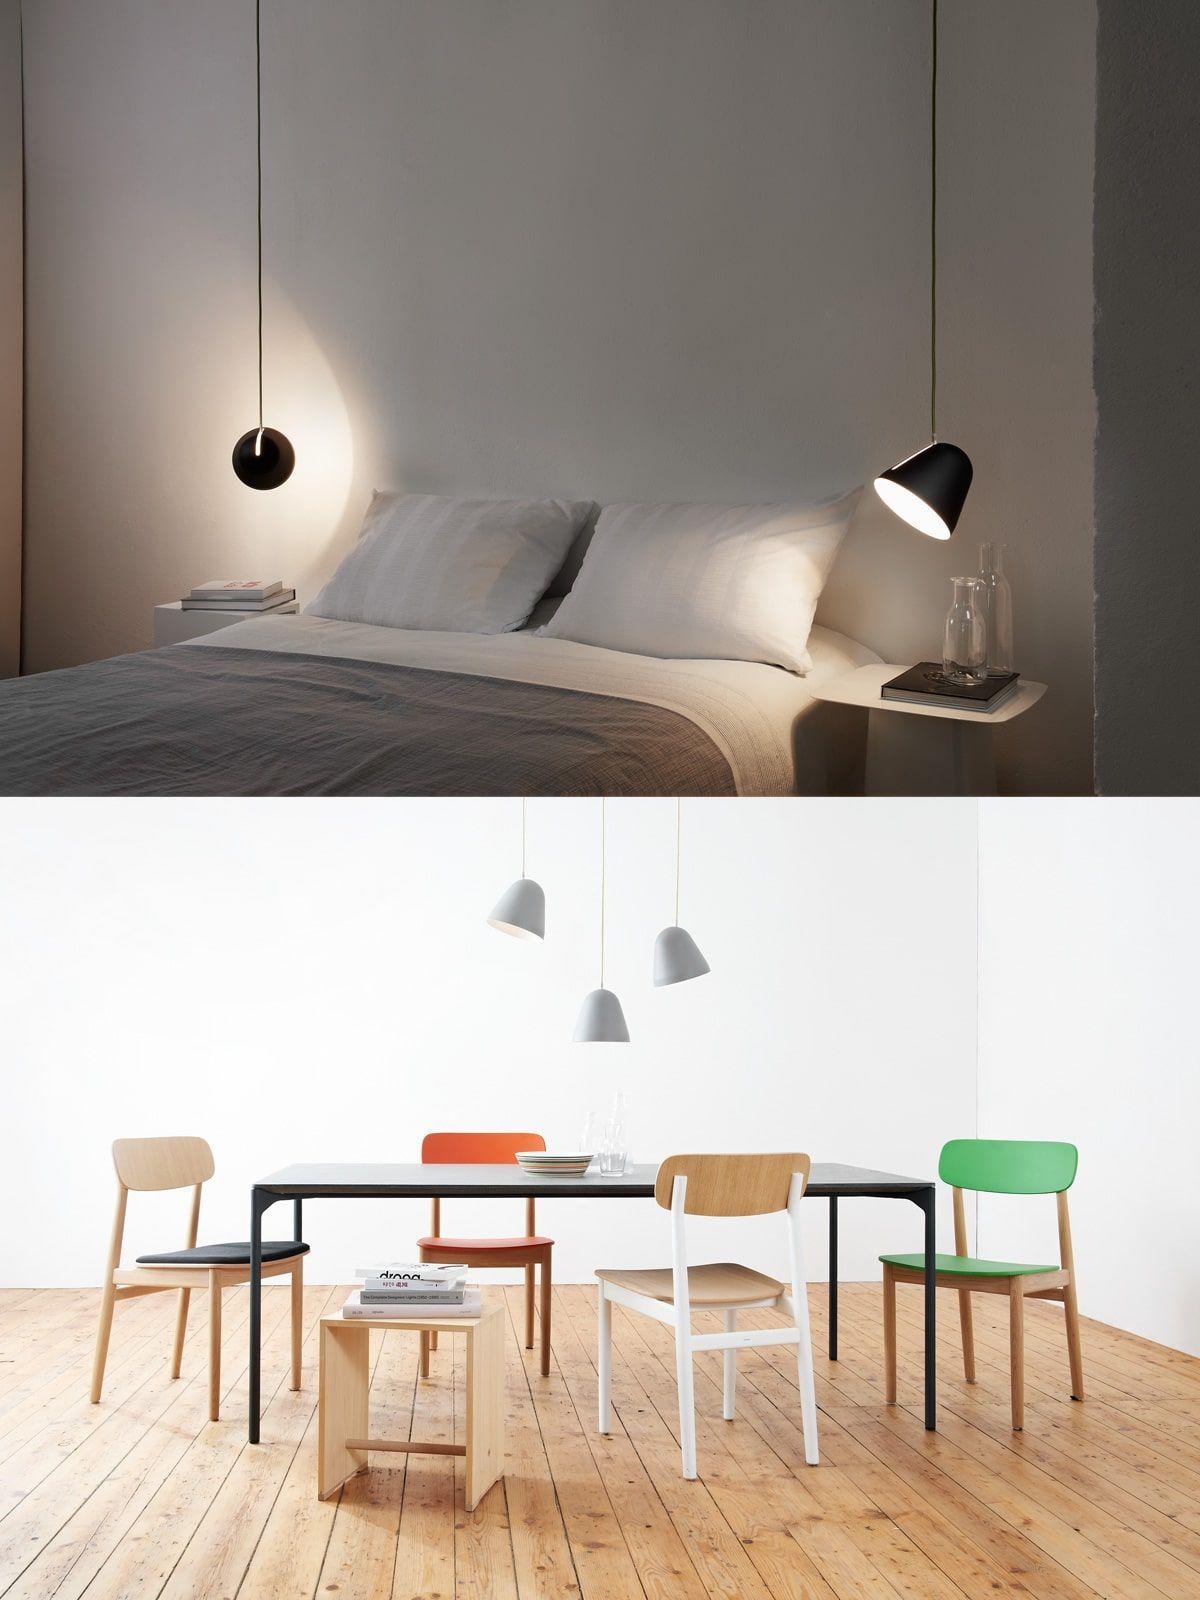 Wunderbar Designer Wandleuchten Foto Von Nyta Tilt Hängeleuchten Im Raum